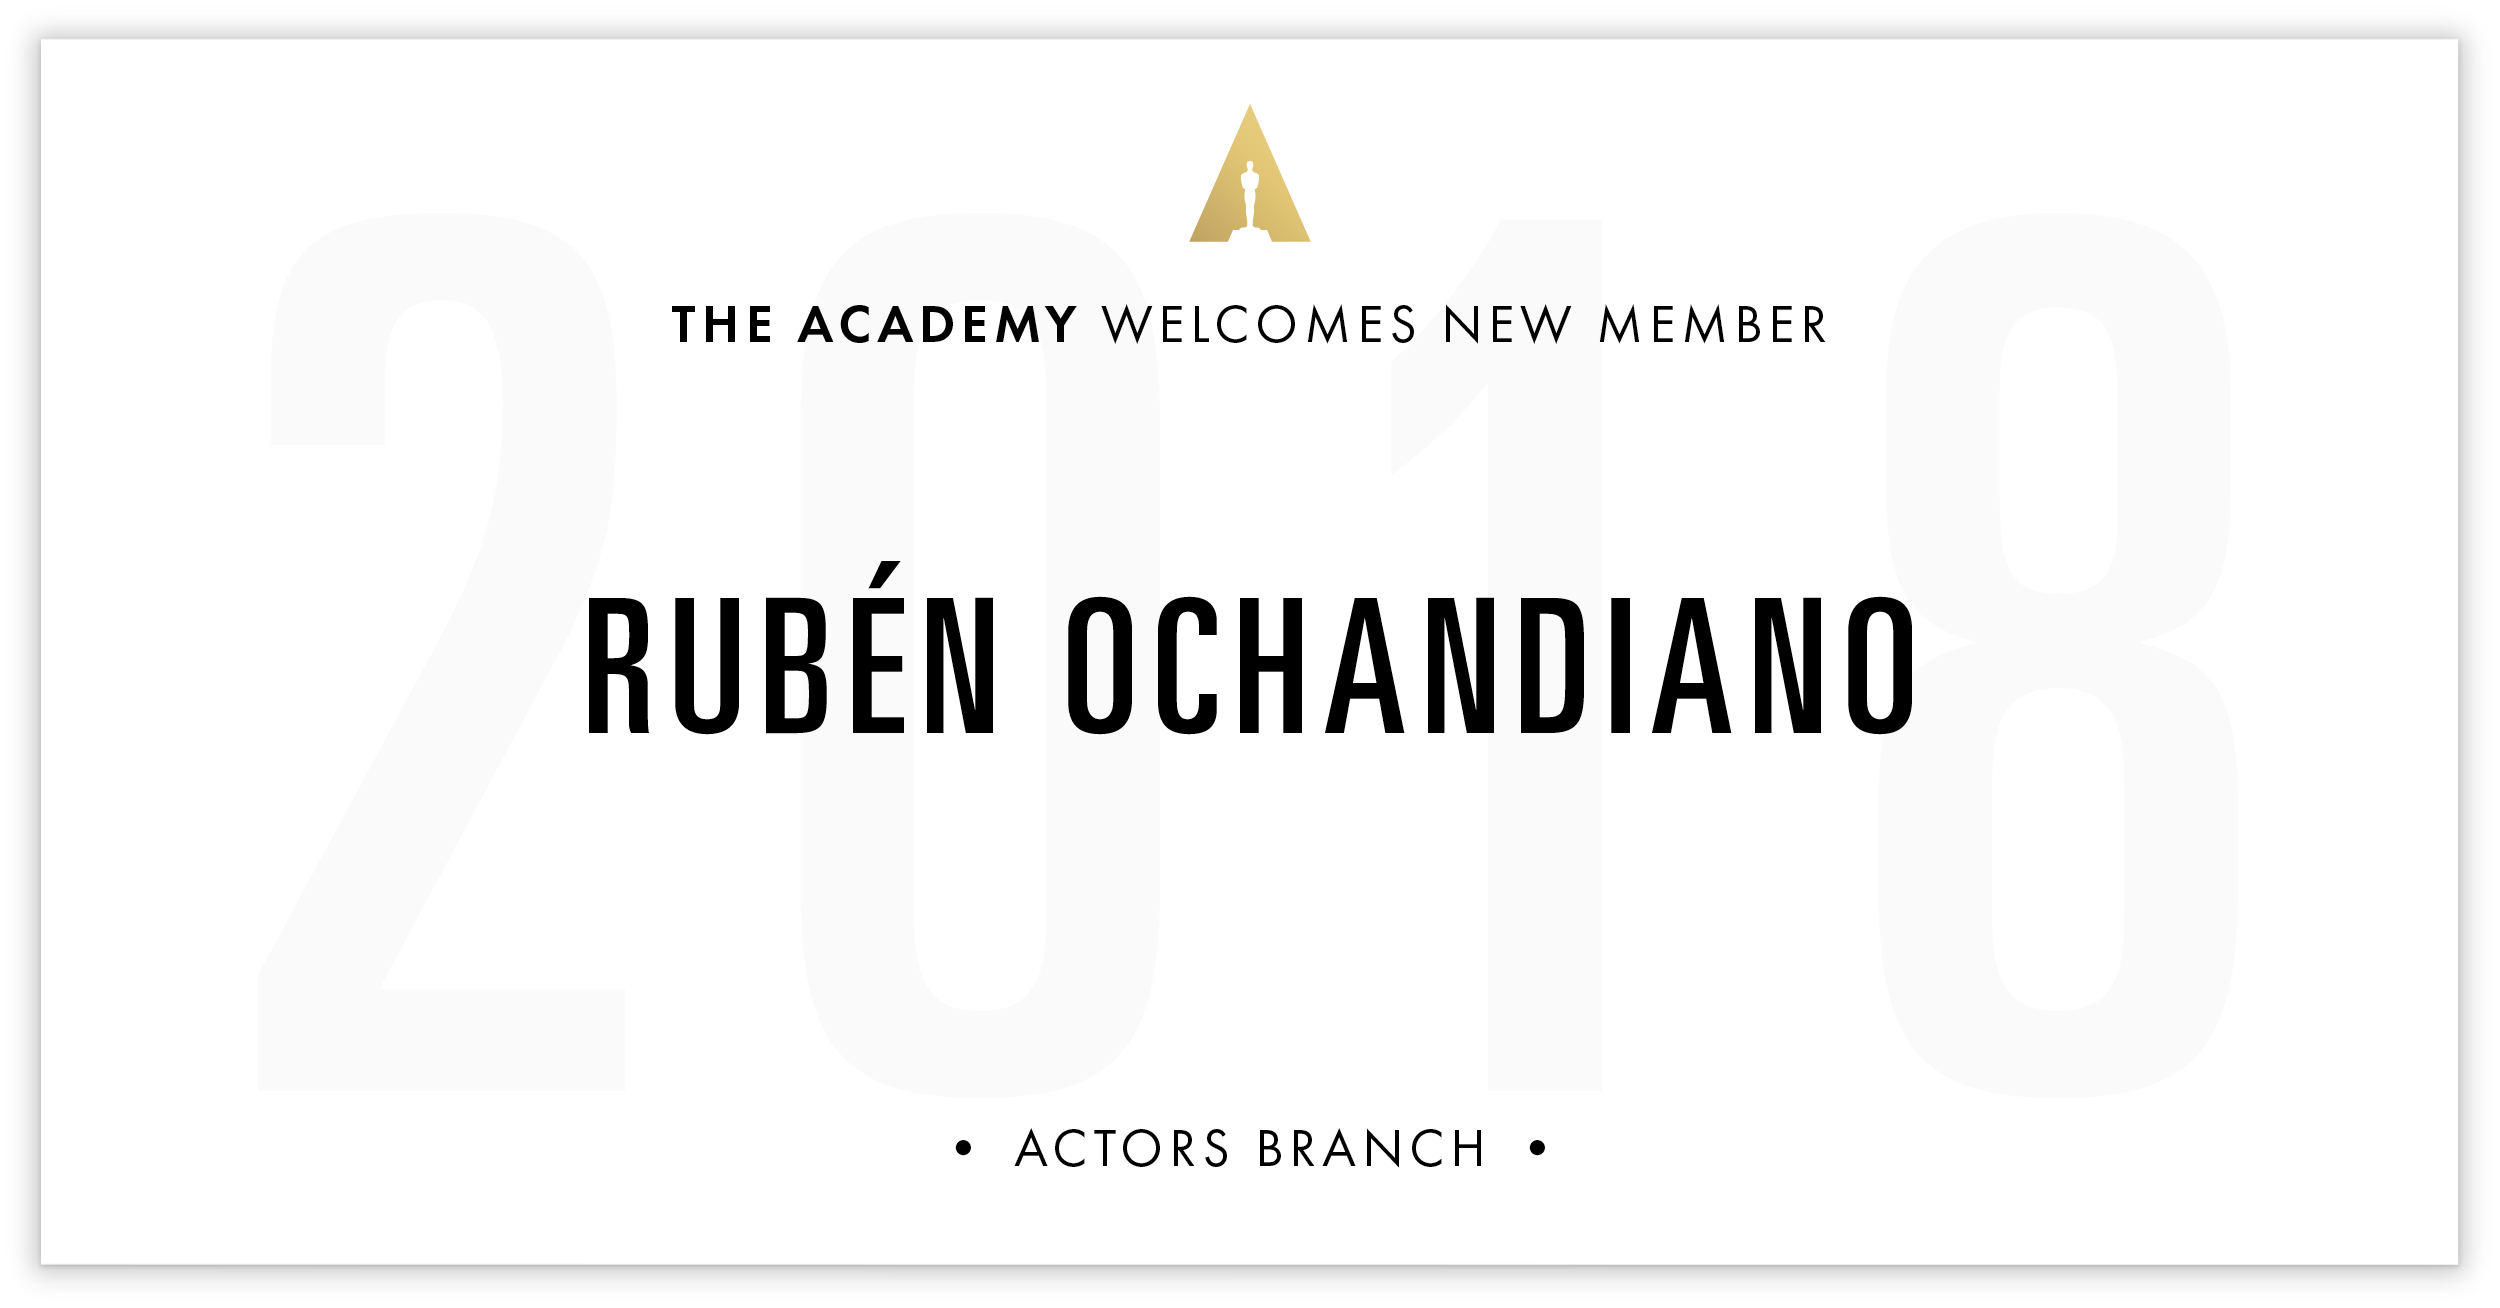 Rubén Ochandiano is invited!